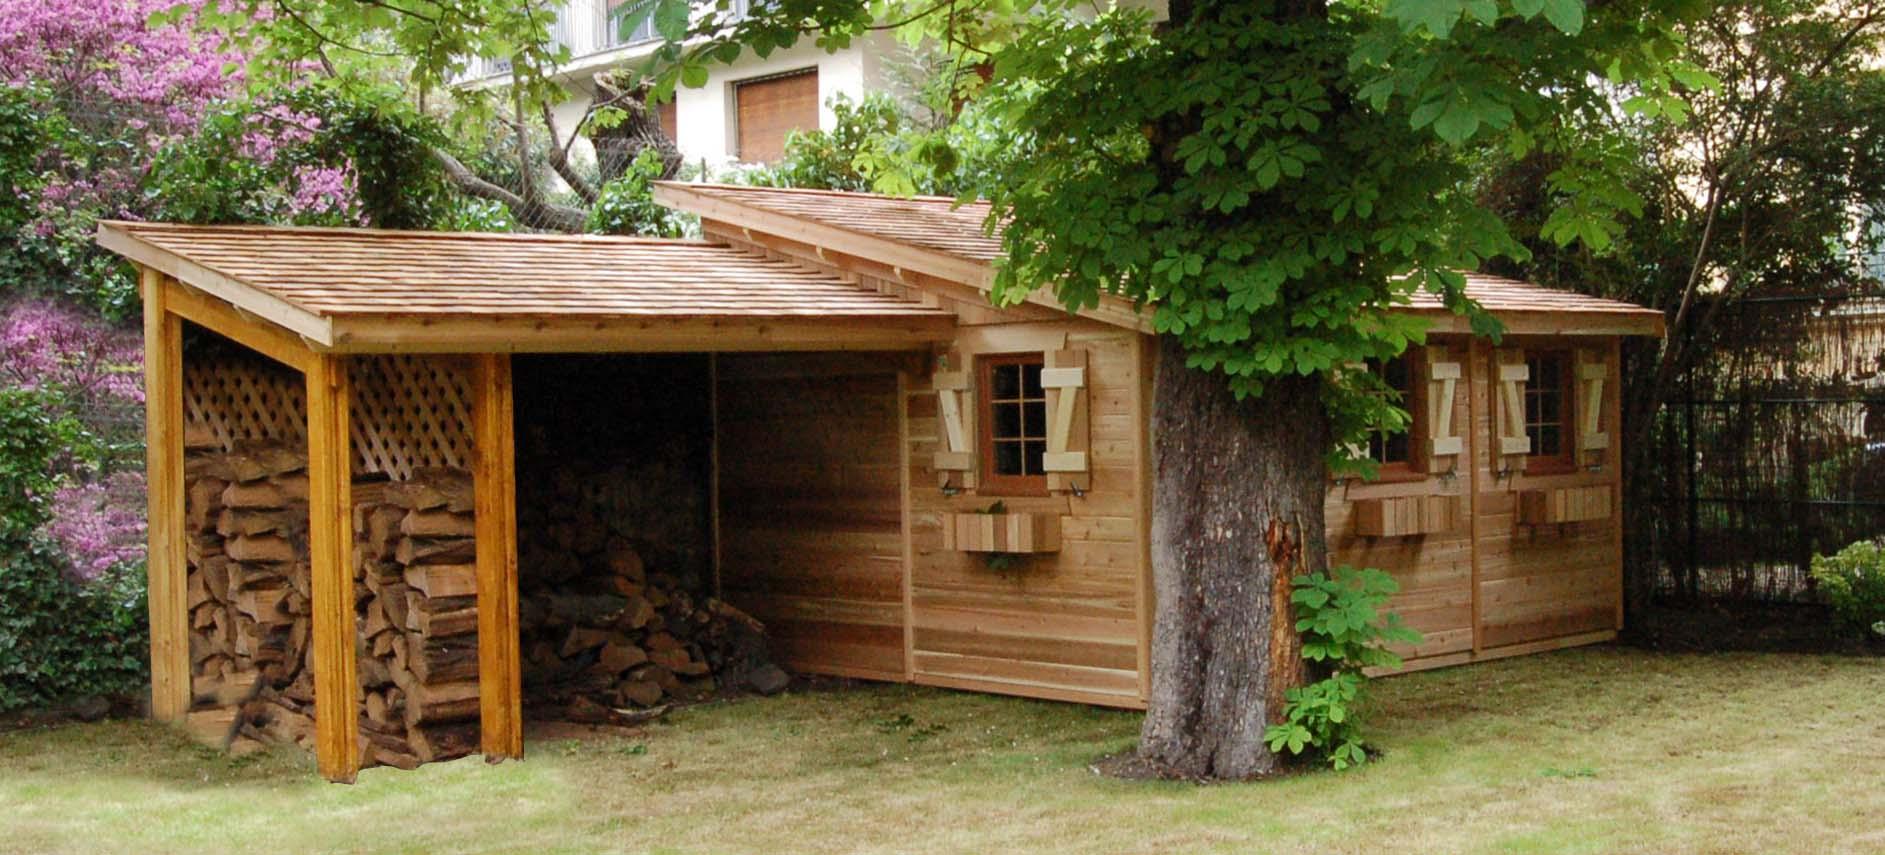 abri adossable en bois